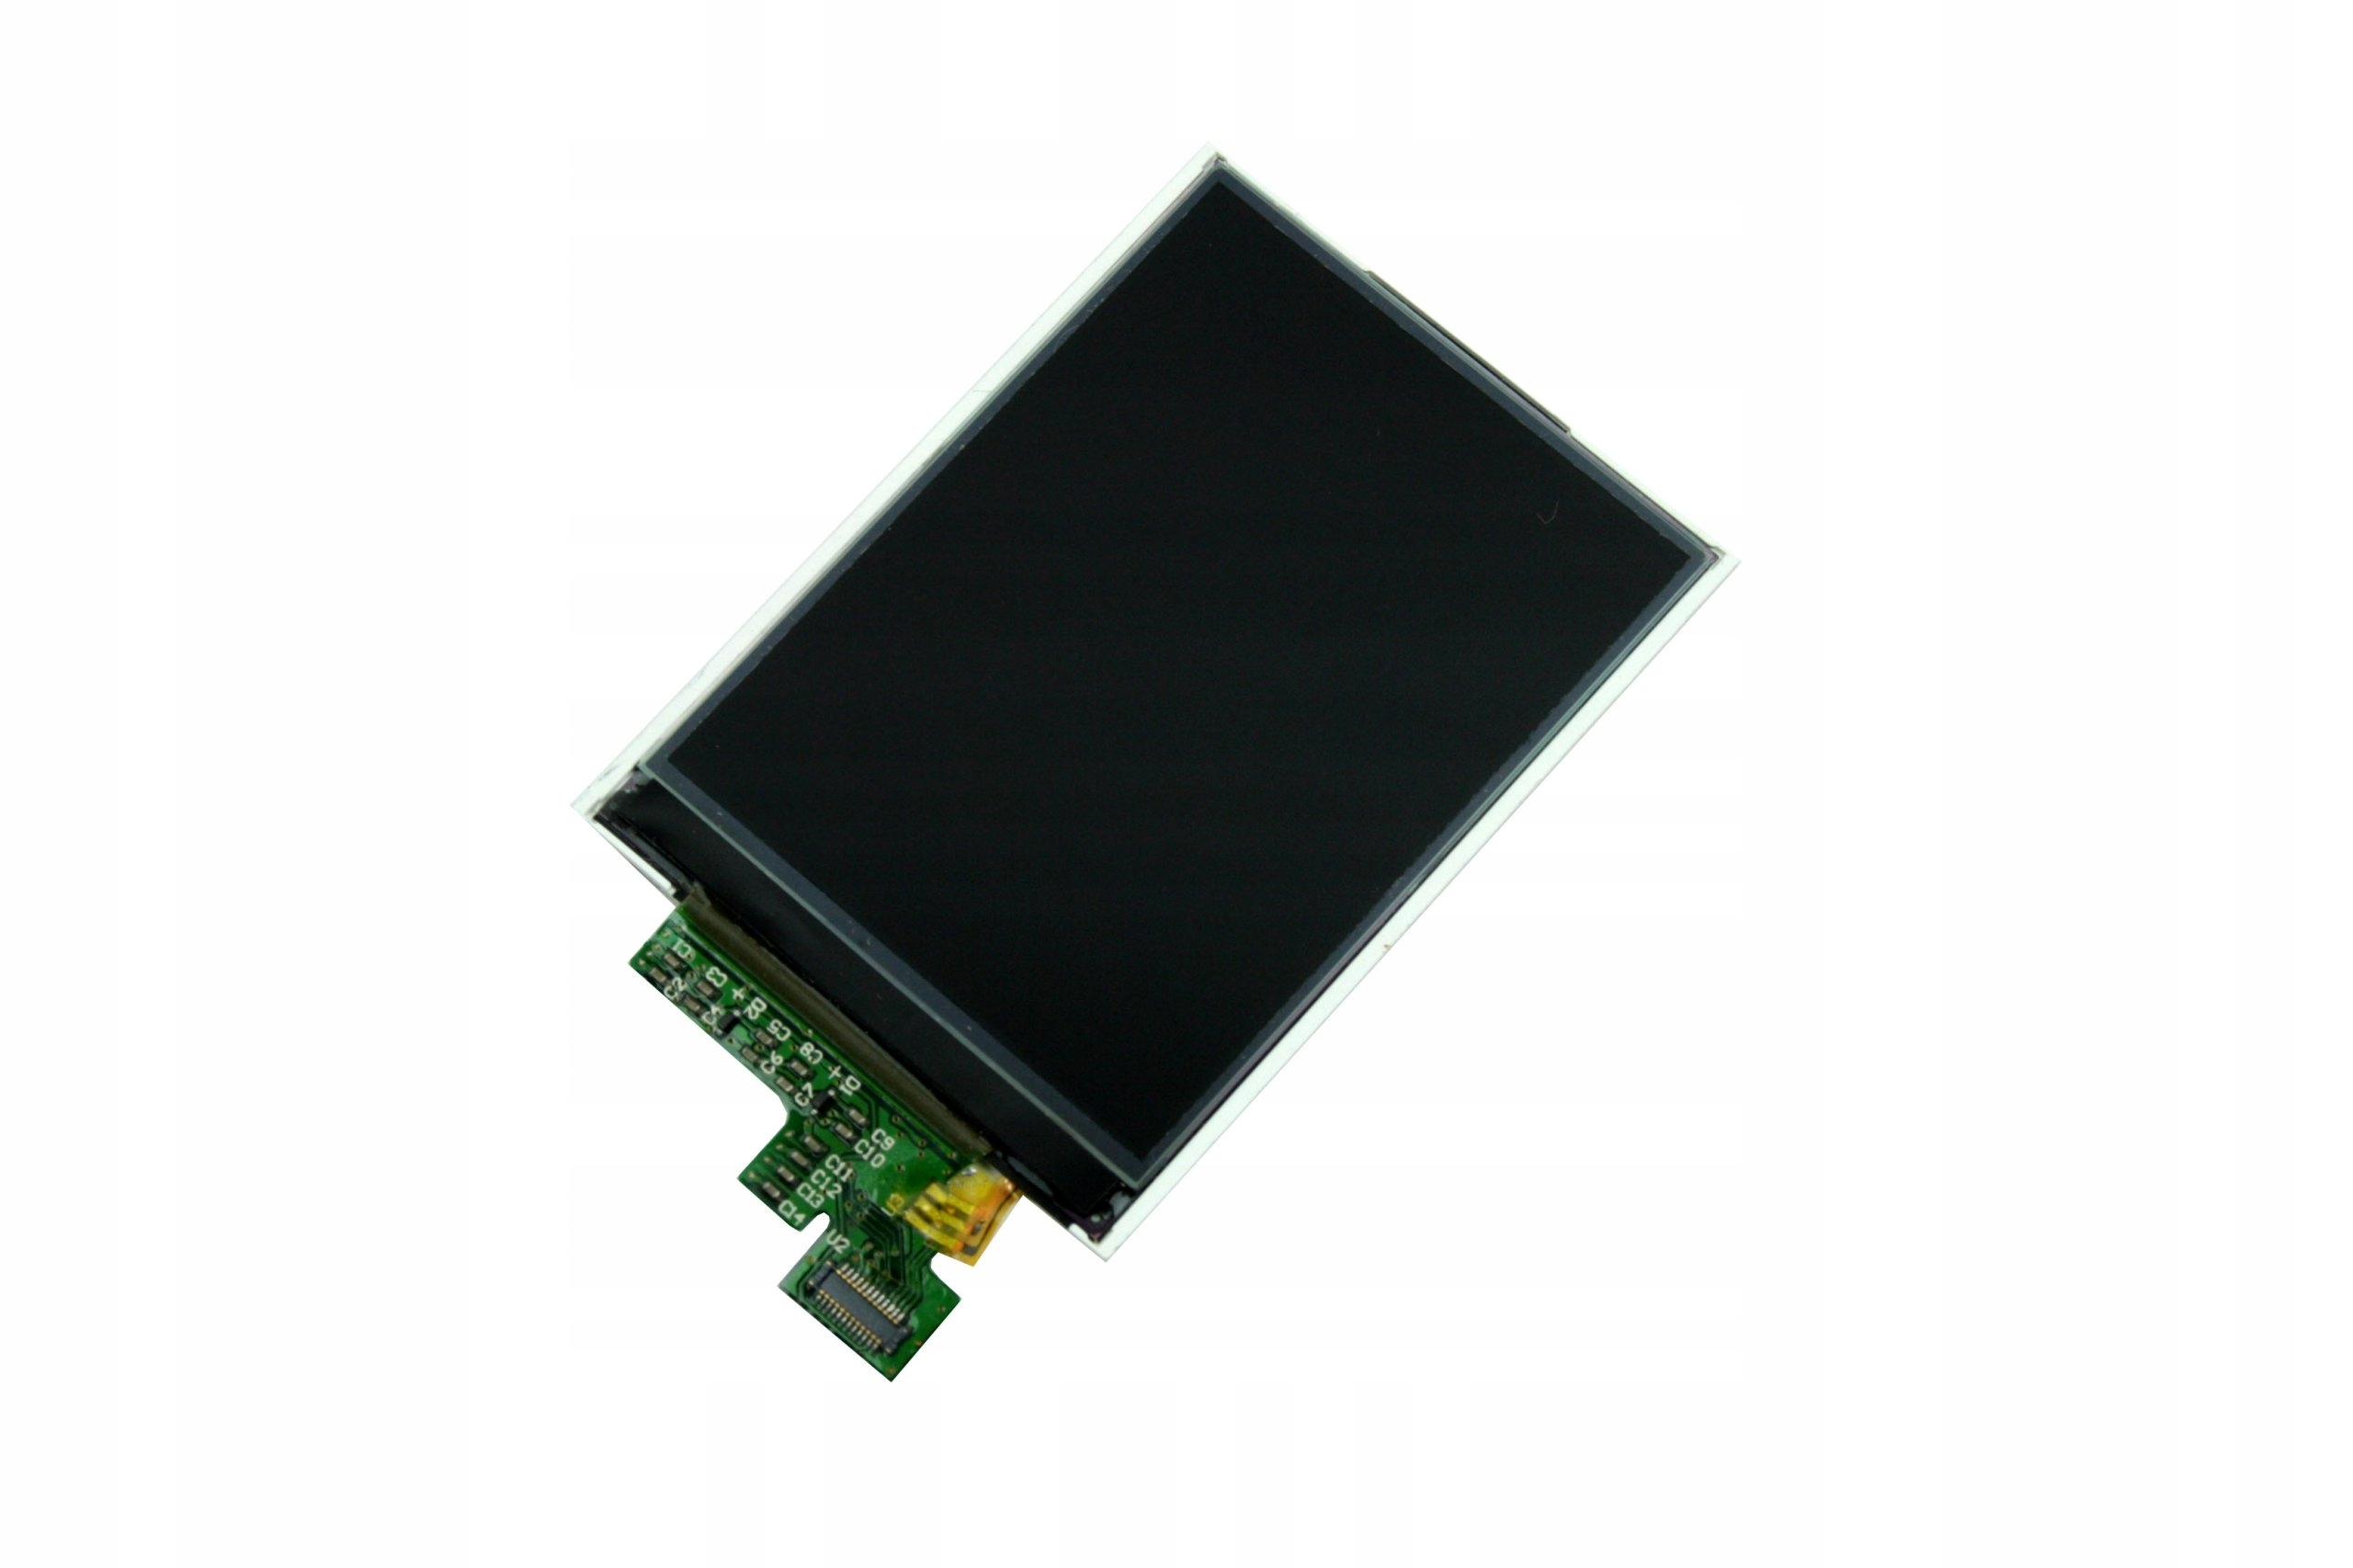 NOWY ORYGINALNY LCD WYSWIETLACZ SONYERICSSON C903